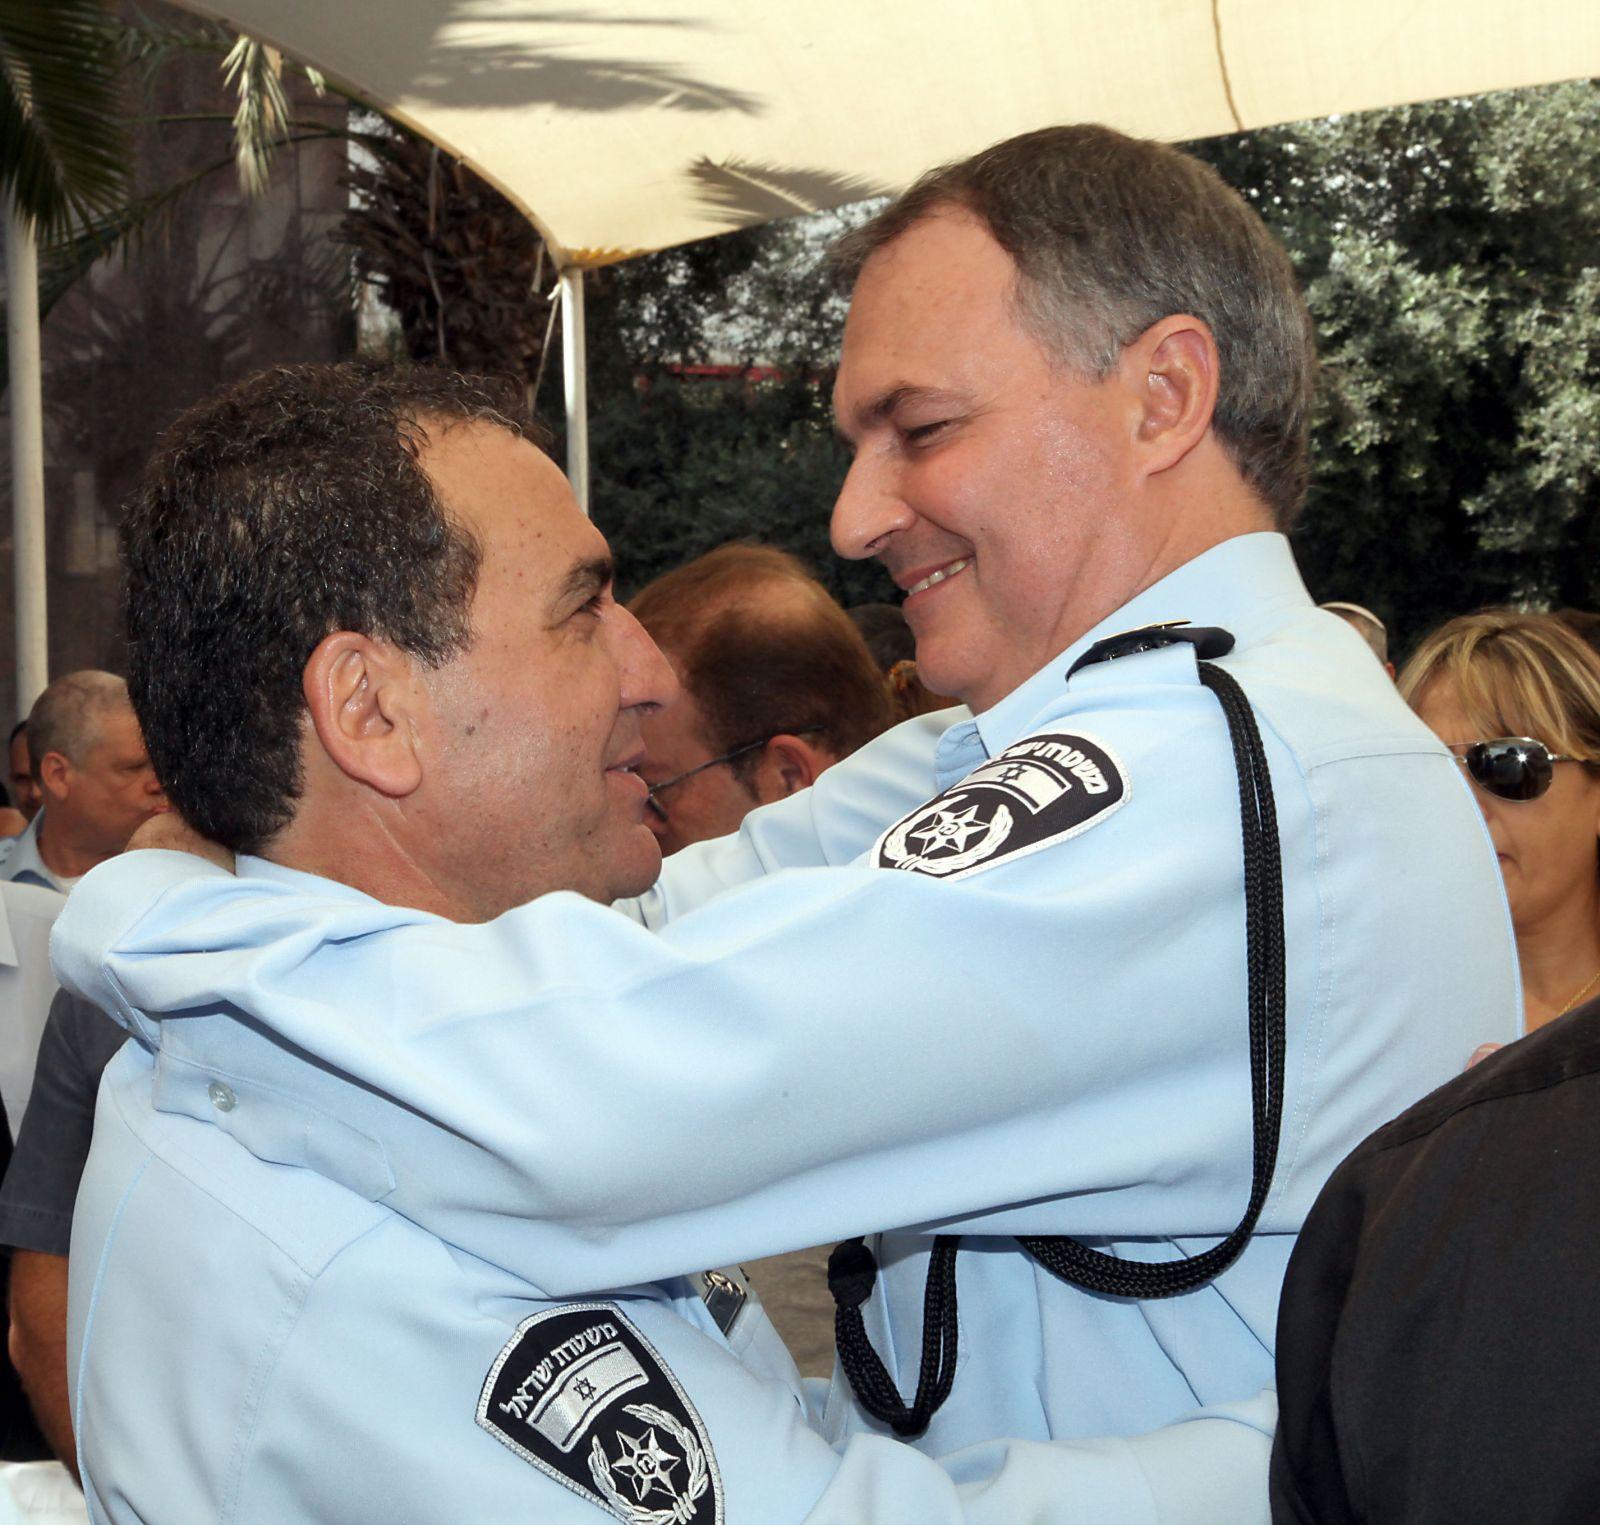 """ניצב מנשה ארביב מתחבק עם המפכ""""ל, רב-ניצב יוחנן דנינו. 16.9.13 (צילום: גדעון מרקוביץ)"""